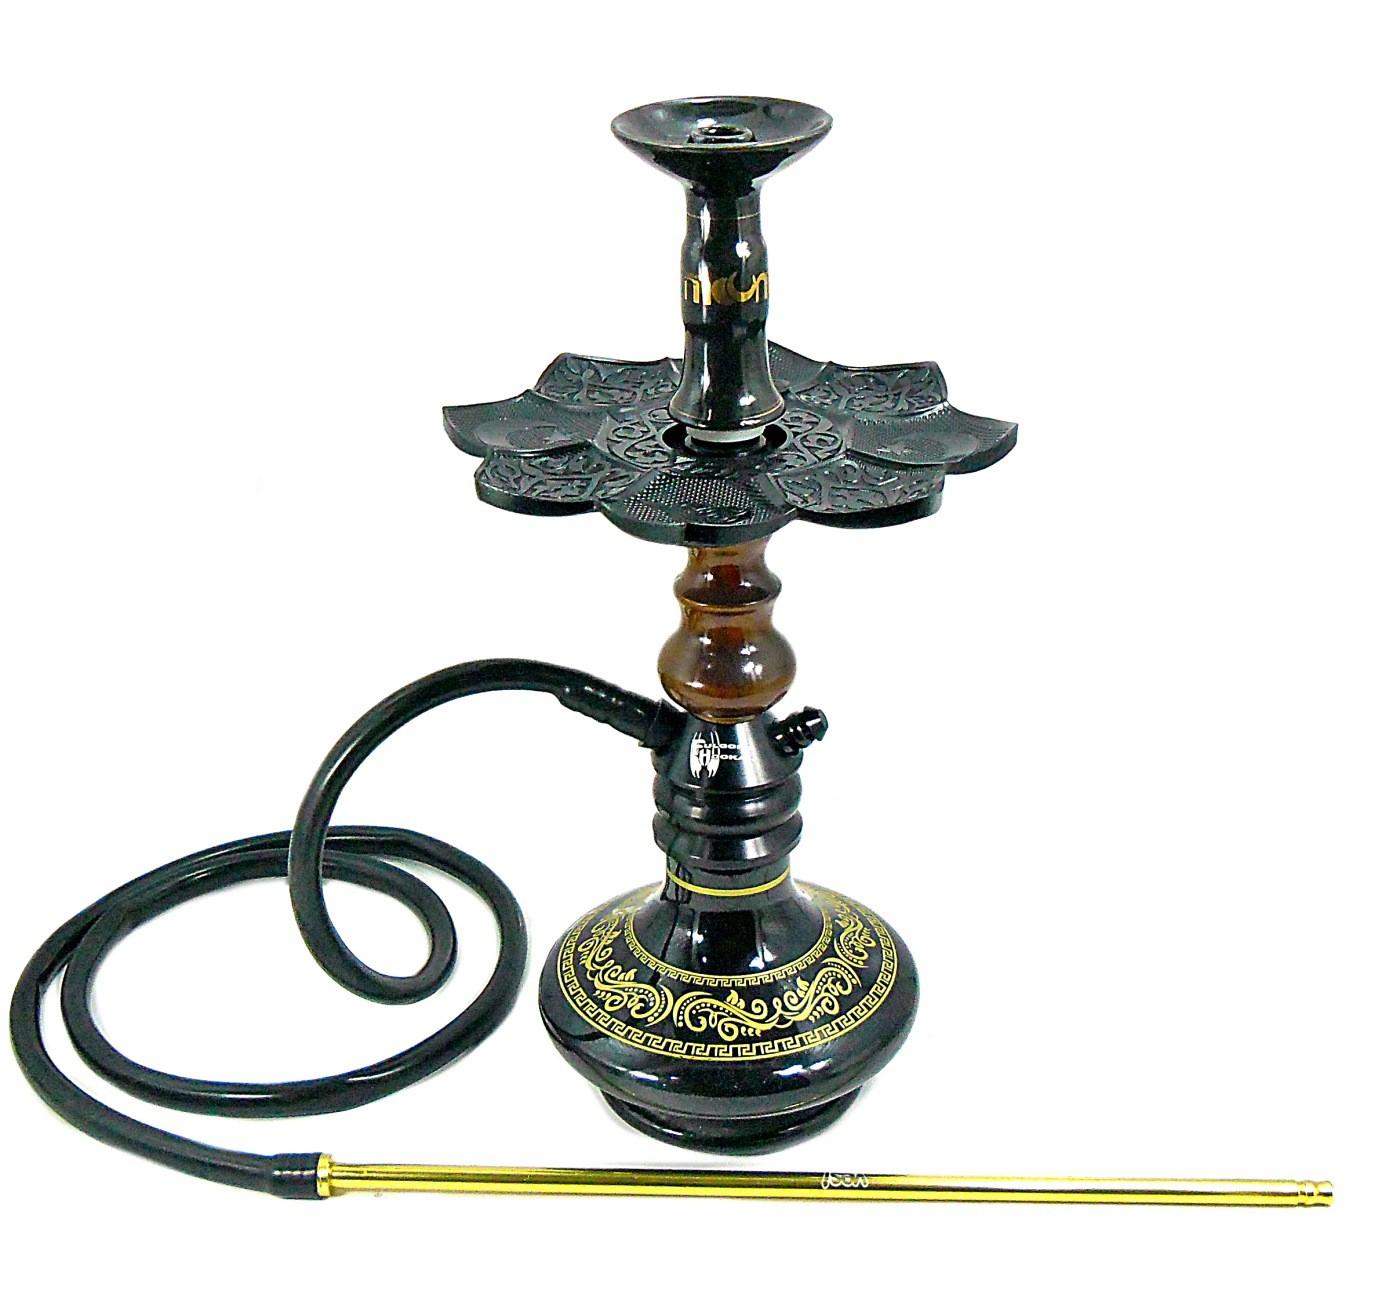 Narguile Fulgore Pro Preto, vaso Aladin preto e dourado, mang.silicone, piteira alumínio dour, rosh Kimo, prato El Nefes